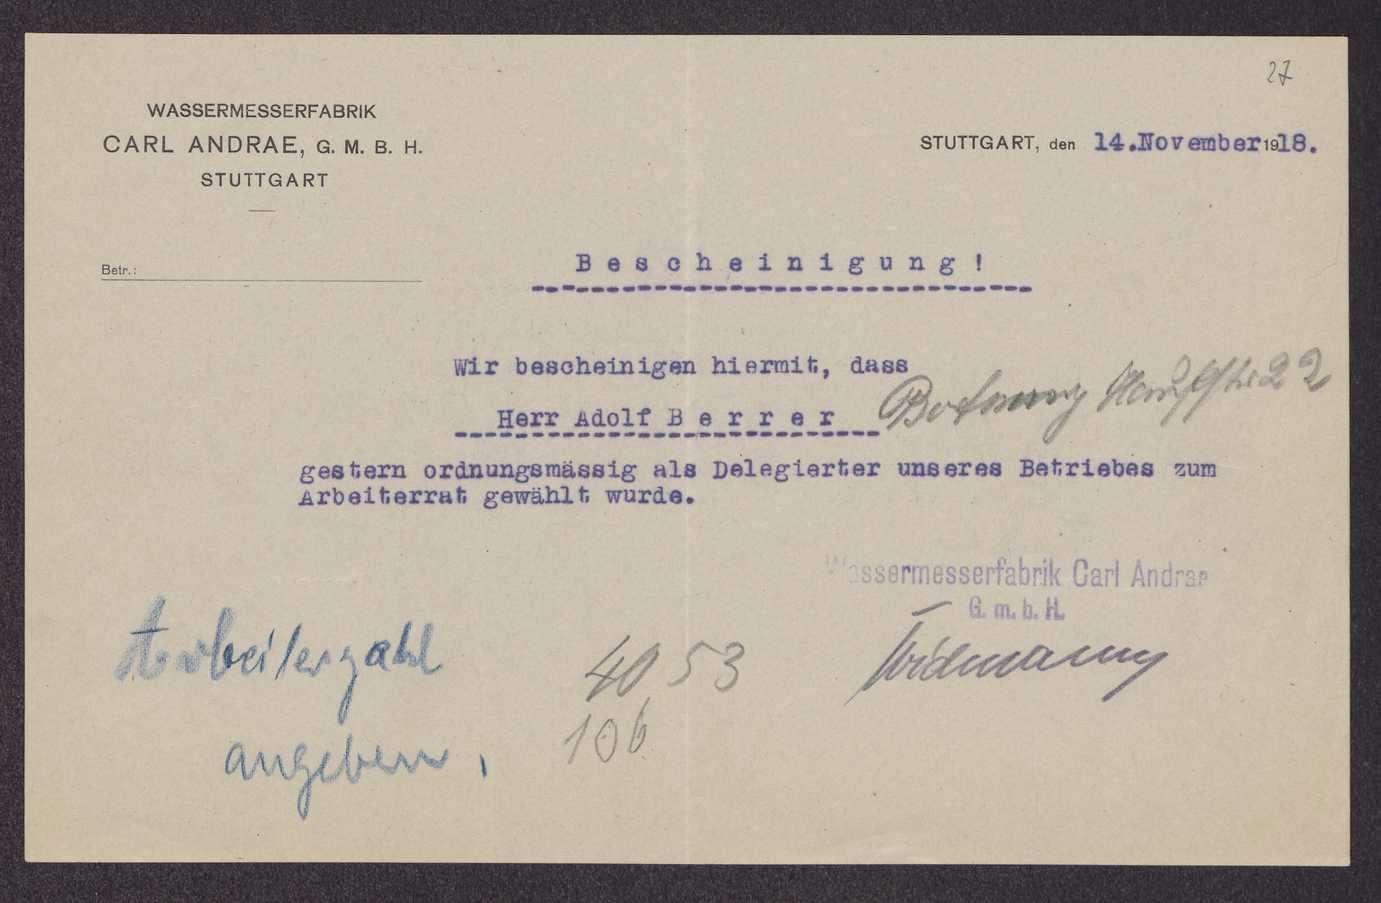 Wahlen in Stuttgarter Firmen, Verbänden, Vereinen und Behörden zum Arbeiterrat Groß-Stuttgart, Bild 2